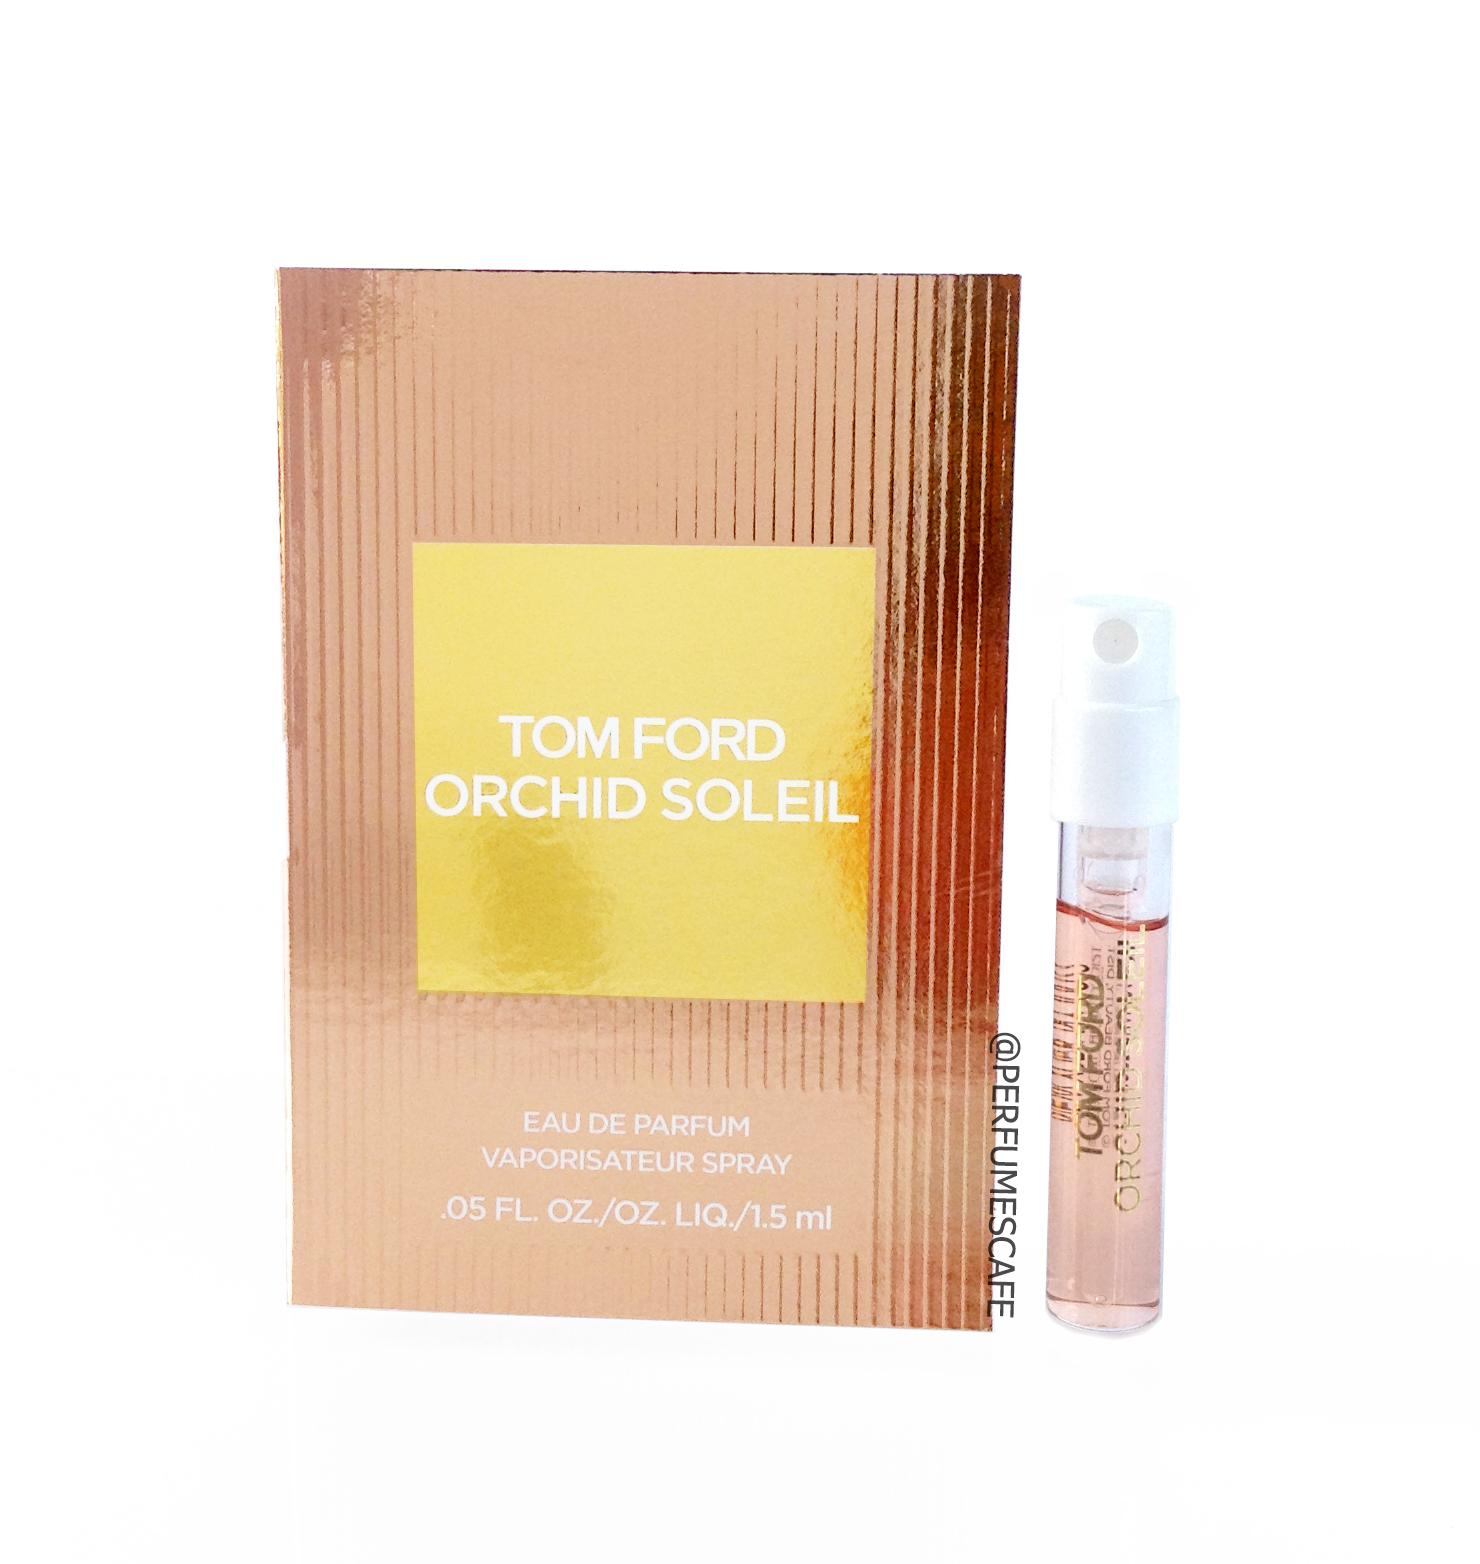 น้ำหอม Tom Ford Orchid Soleil EDP ขนาด 1.5ml